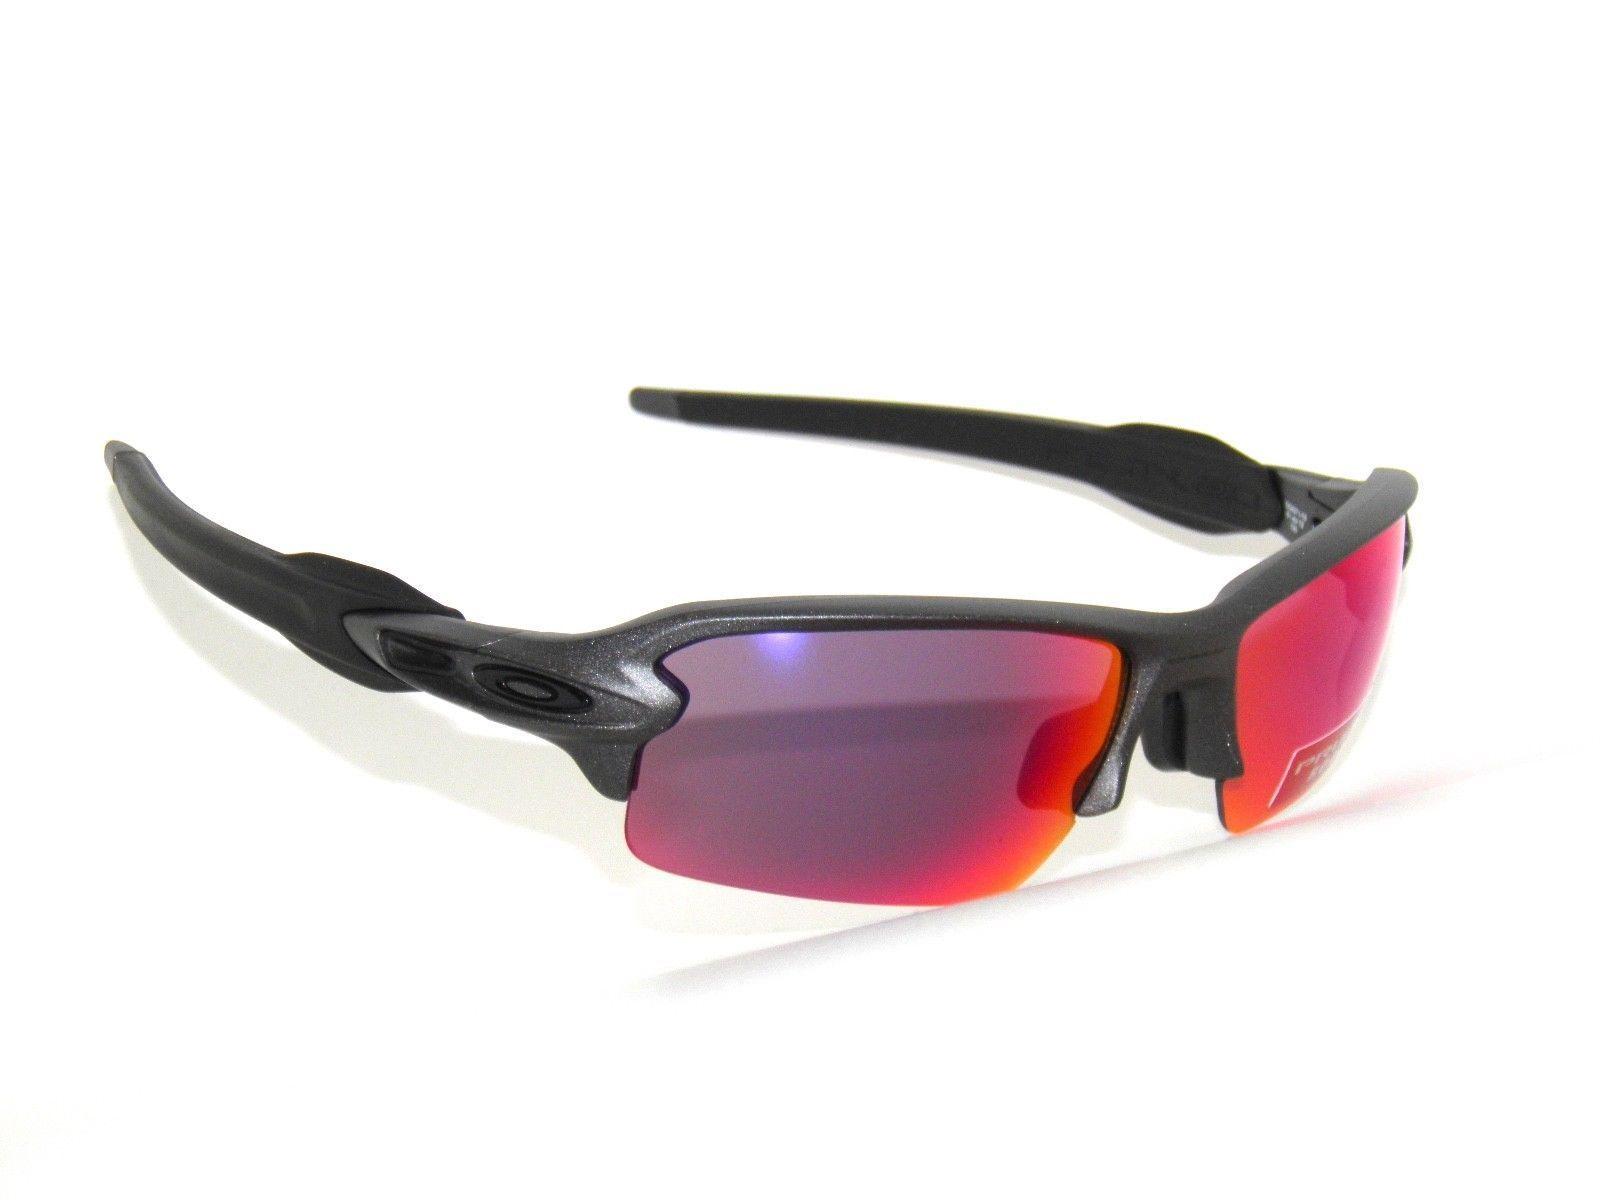 c8c4cf16c68d7 Oakley Sunglasses A-Flak Jacket 2.0 9271-15 Steel Prizm Road ...